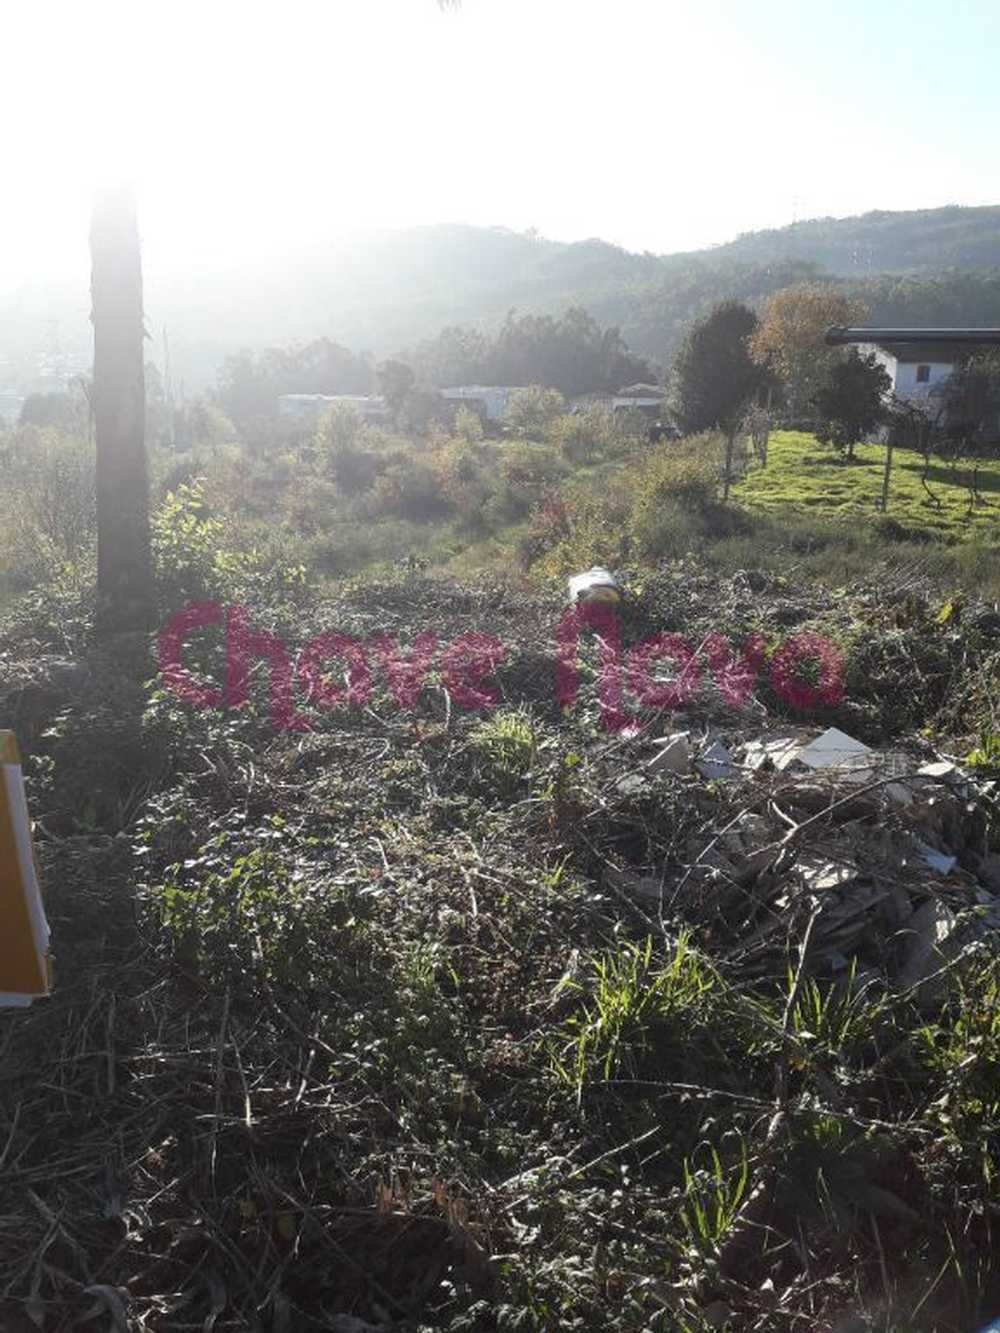 Vila Cova Penafiel terrain picture 70641